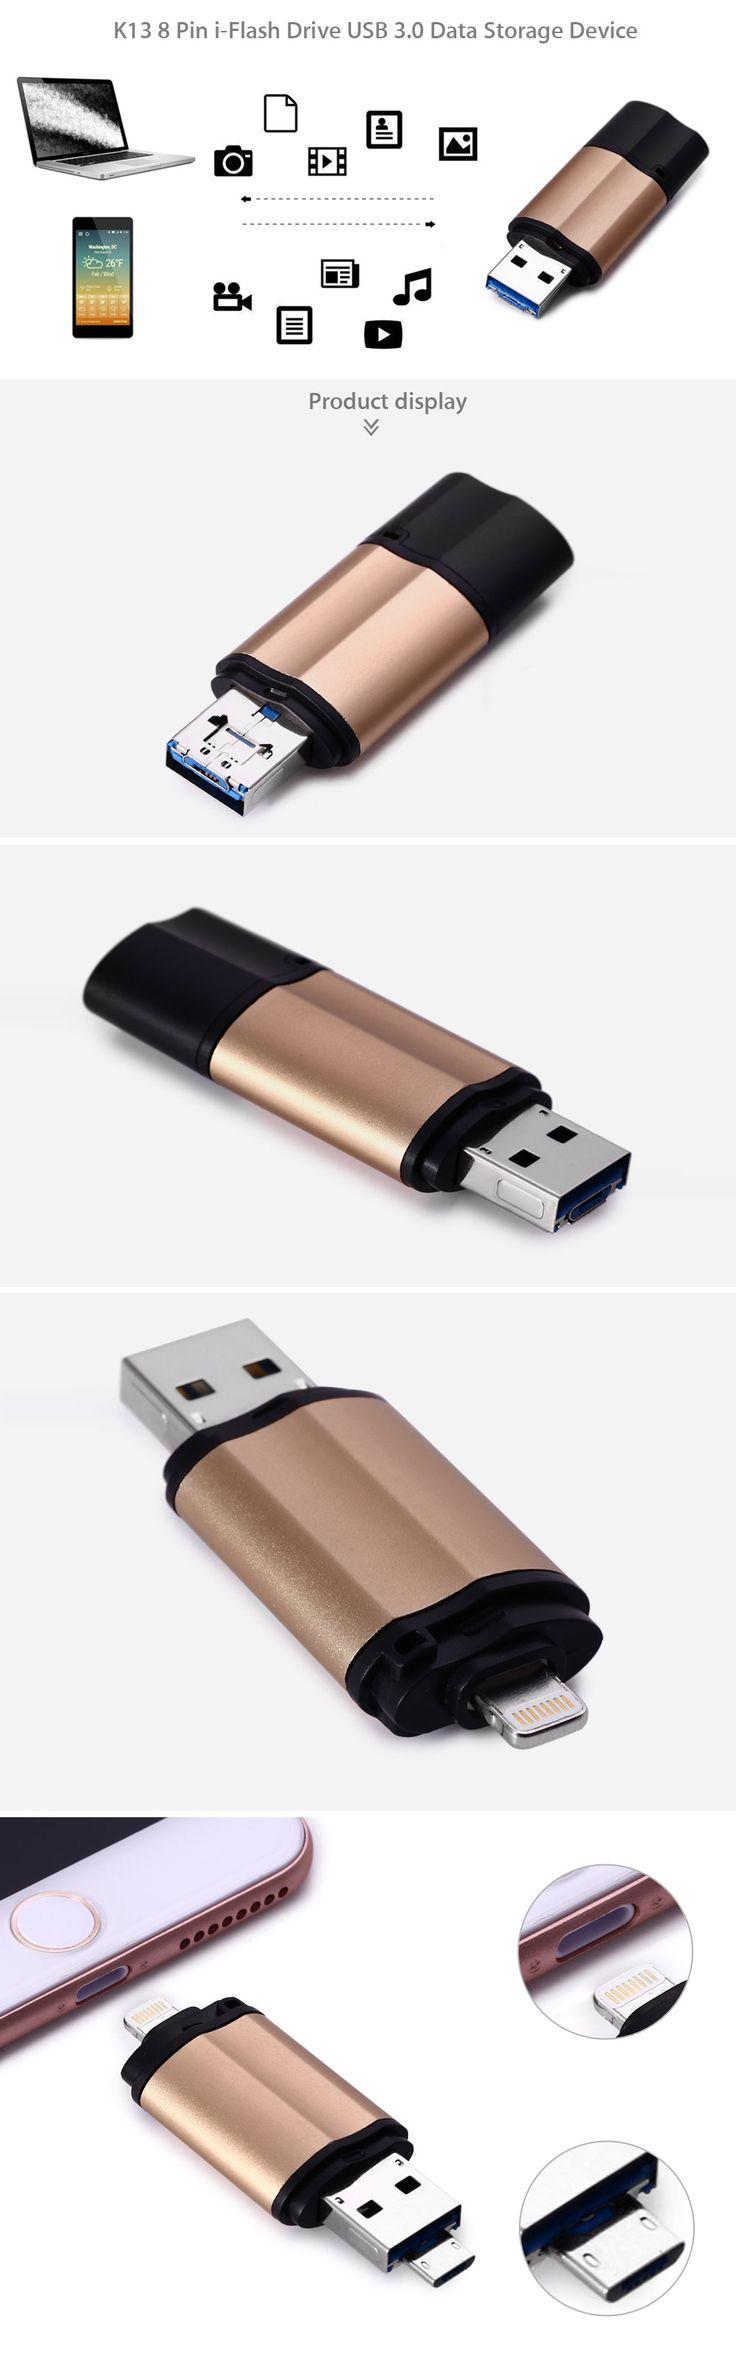 Ook regelmatig te weinig opslagruimte op jouw iPhone, iPad of Android toestel? Of geen ruimte om die film of serie erop te zetten? Met deze gadgets vergroot je simpel de opslagcapaciteit met 64GB! Genoeg voor een hele serie of een paar mooie films (of heel veel muziek). Deze USB stick heeft een iPhone / iPad aansluiting, MicroUSB voor Android en USB 3.0 voor de PC! Nu tijdelijk voor €25!  http://gadgetsfromchina.nl/64gb-extra-opslag-voor-iphone-ipad-android/  #Gadgets #Gadget…